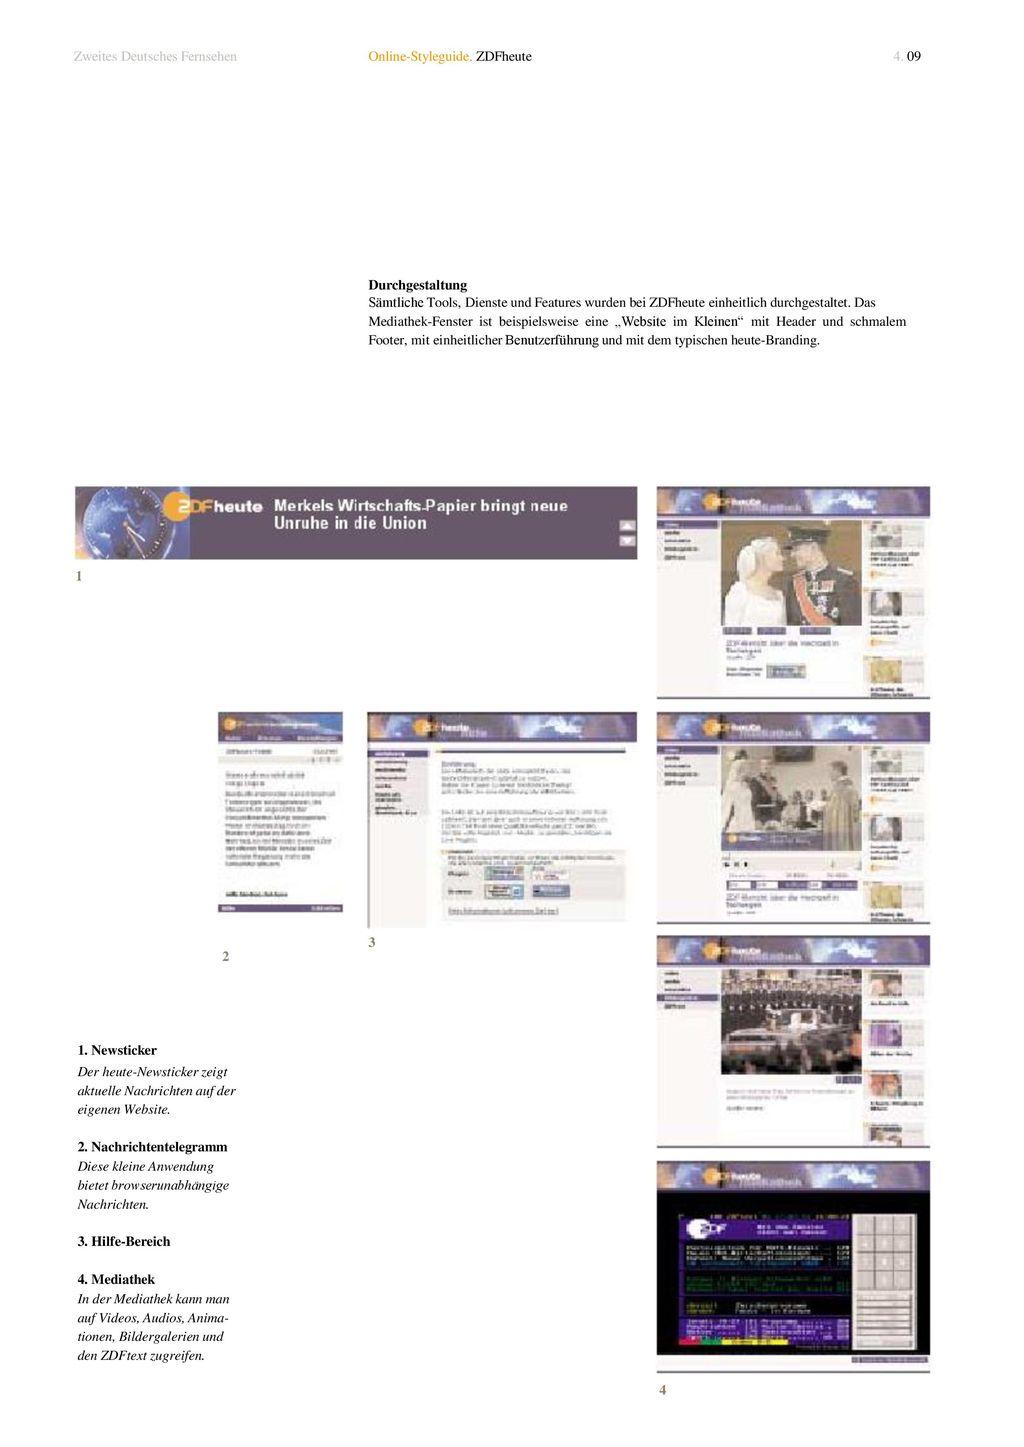 2 Zweites Deutsches Fernsehen Online-Styleguide. ZDFheute 4. 09